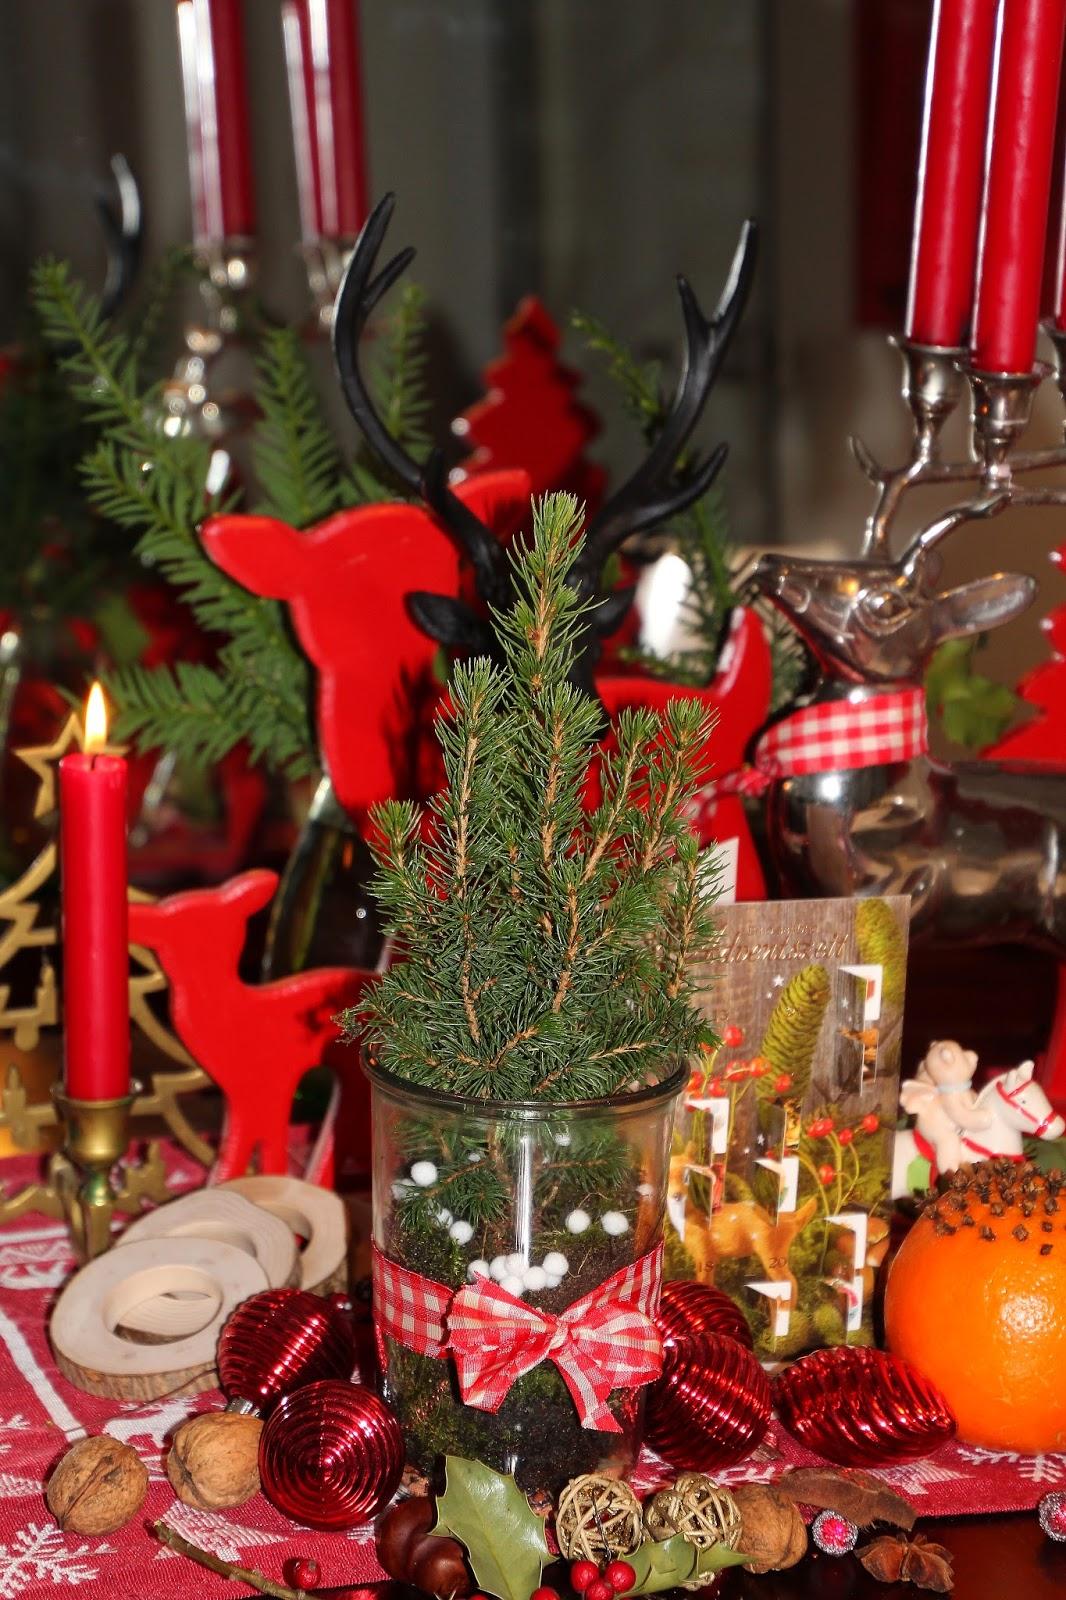 Der Letzte Weihnachtsbaum.Stadtlandlebenslust Weihnachtsbaum Im Glas